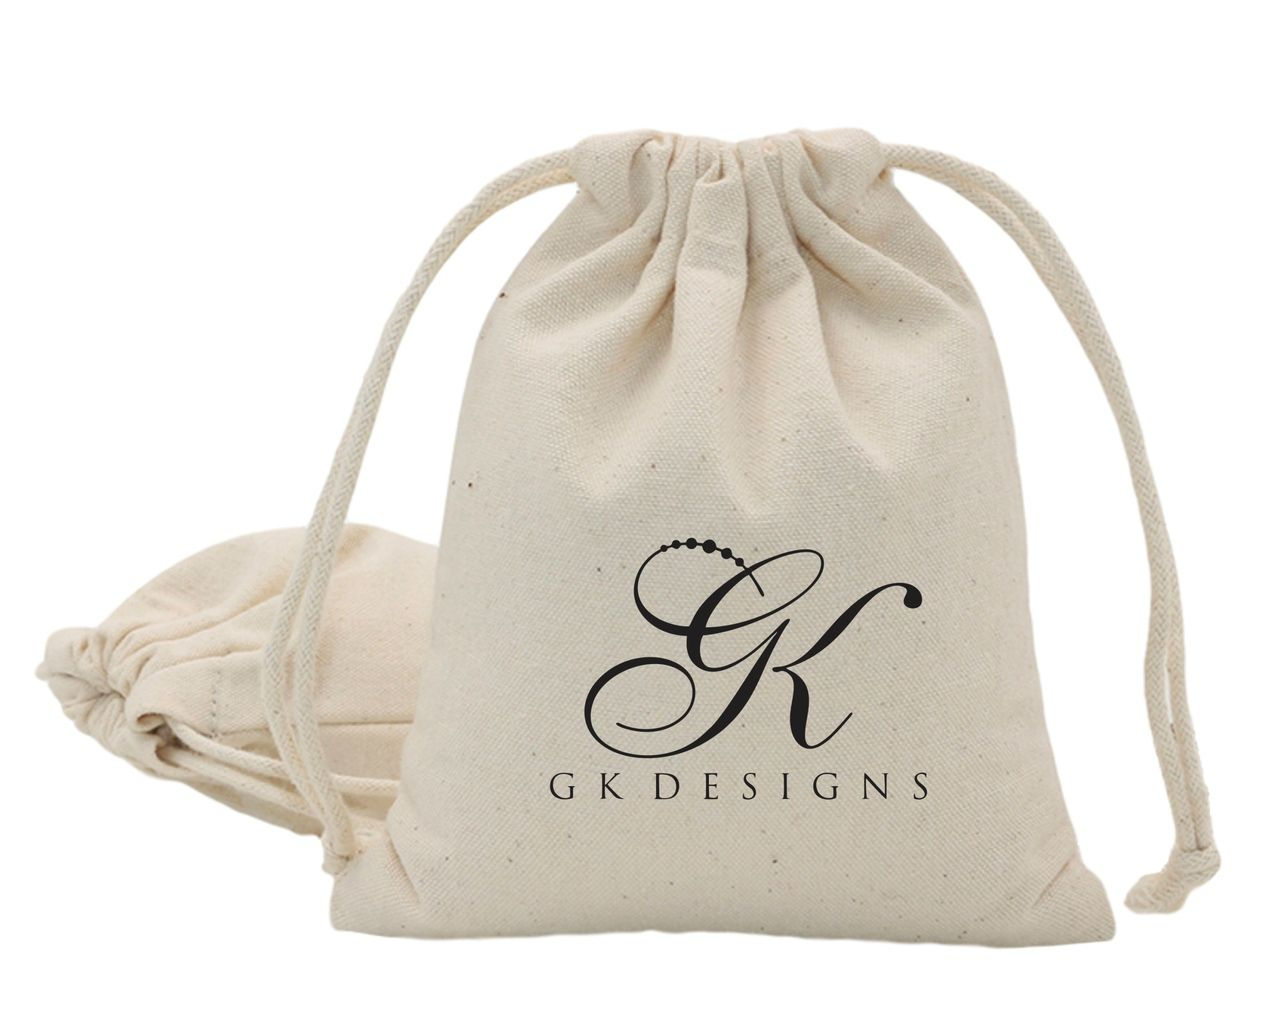 Saquinho de algodão  para bijuterias - 15x20 - personalizado em serigrafia - Linha Classic 1373  - Litex Embalagens